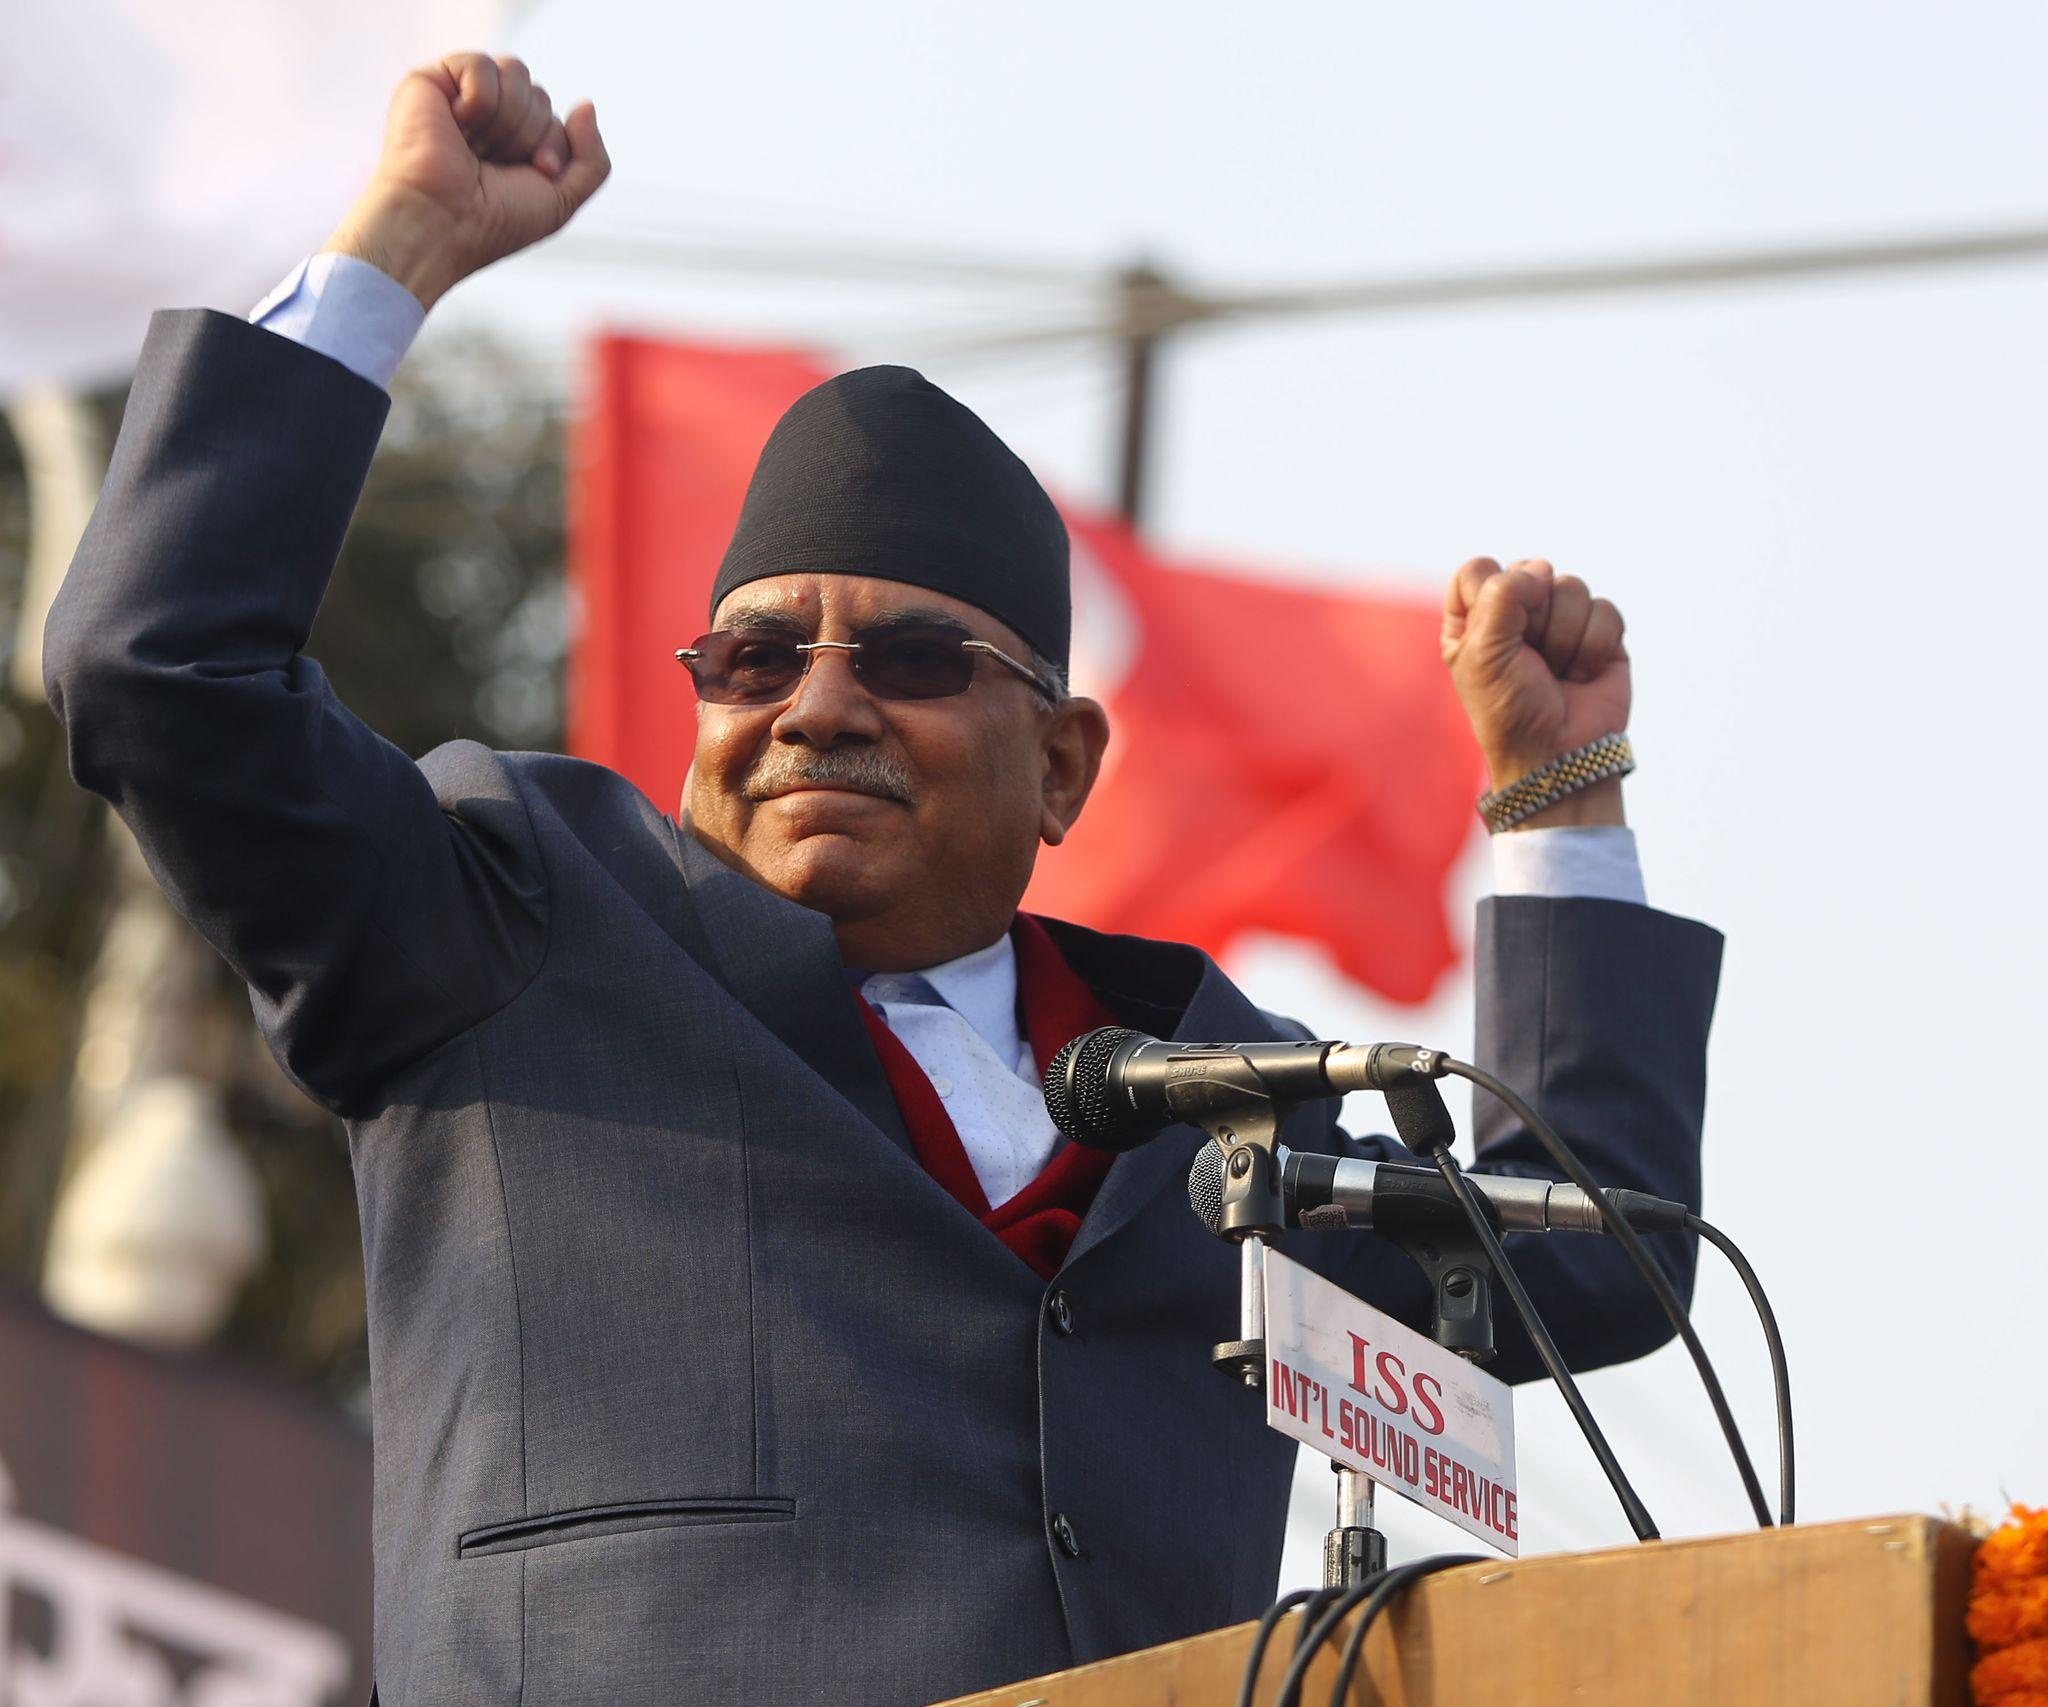 नेकपा (प्रचण्ड-नेपाल समूहका) अध्यक्ष पुष्पकमल दाहाल 'प्रचण्ड'